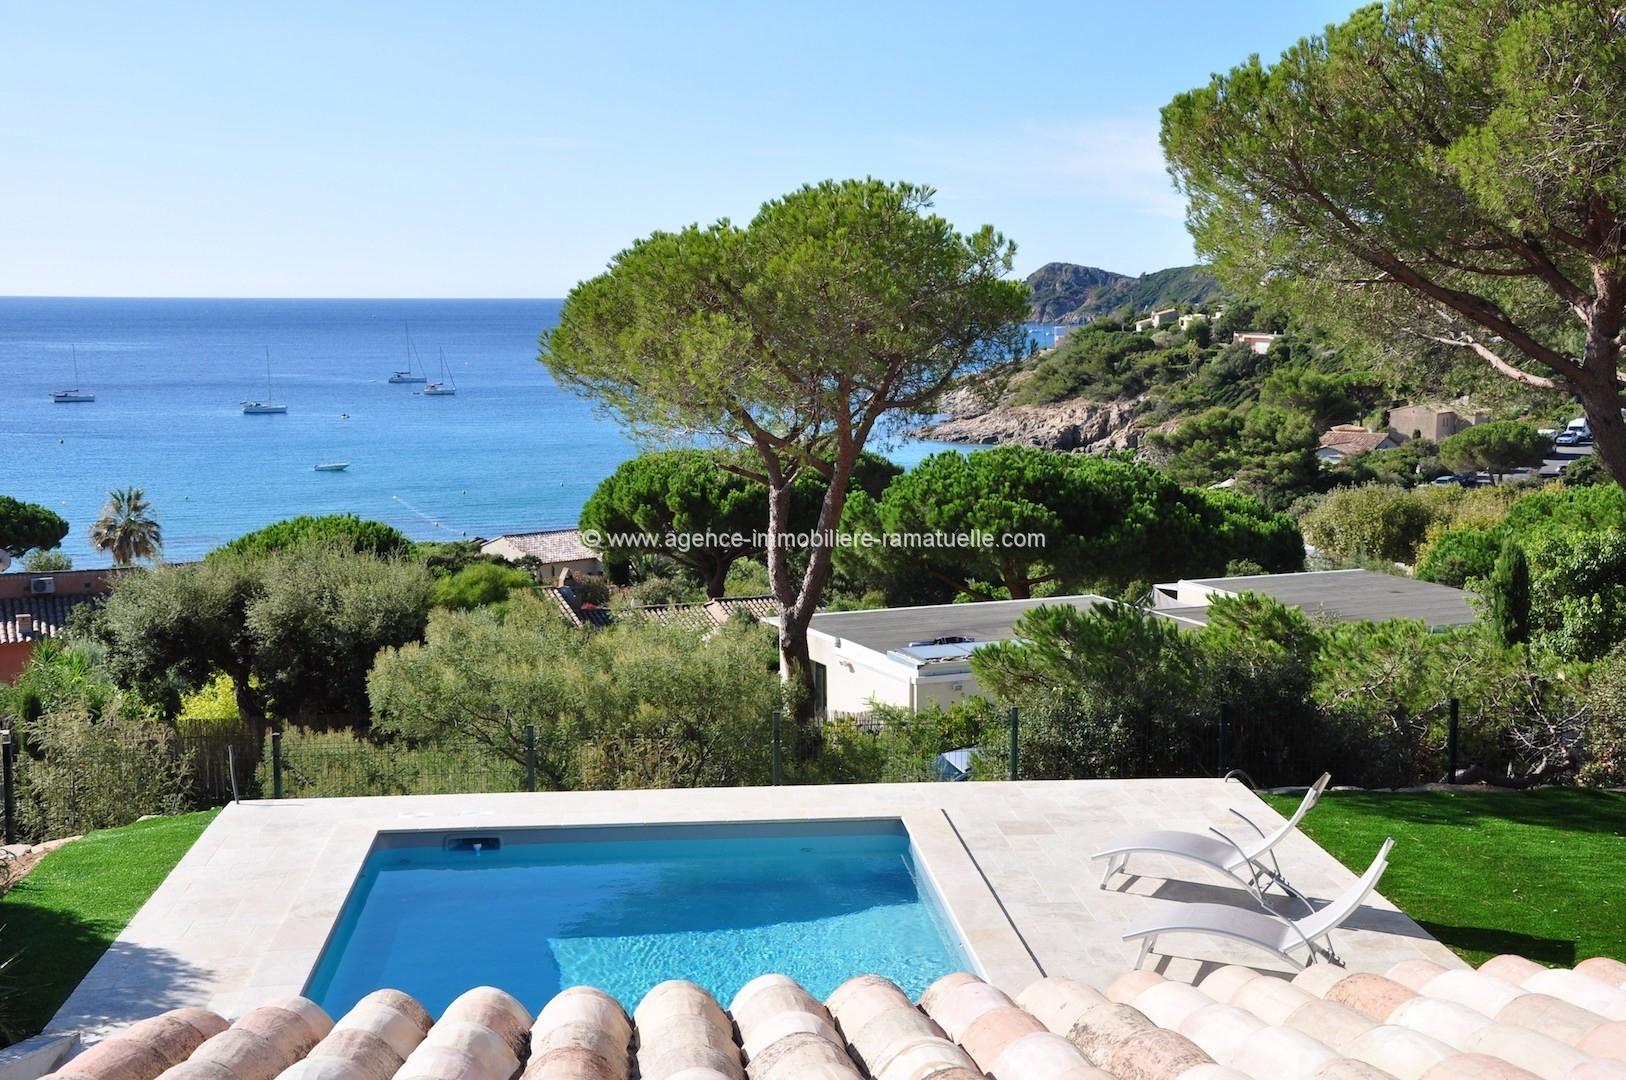 Villa néo-provençal magnifique vue sur la mer , Ramatuelle